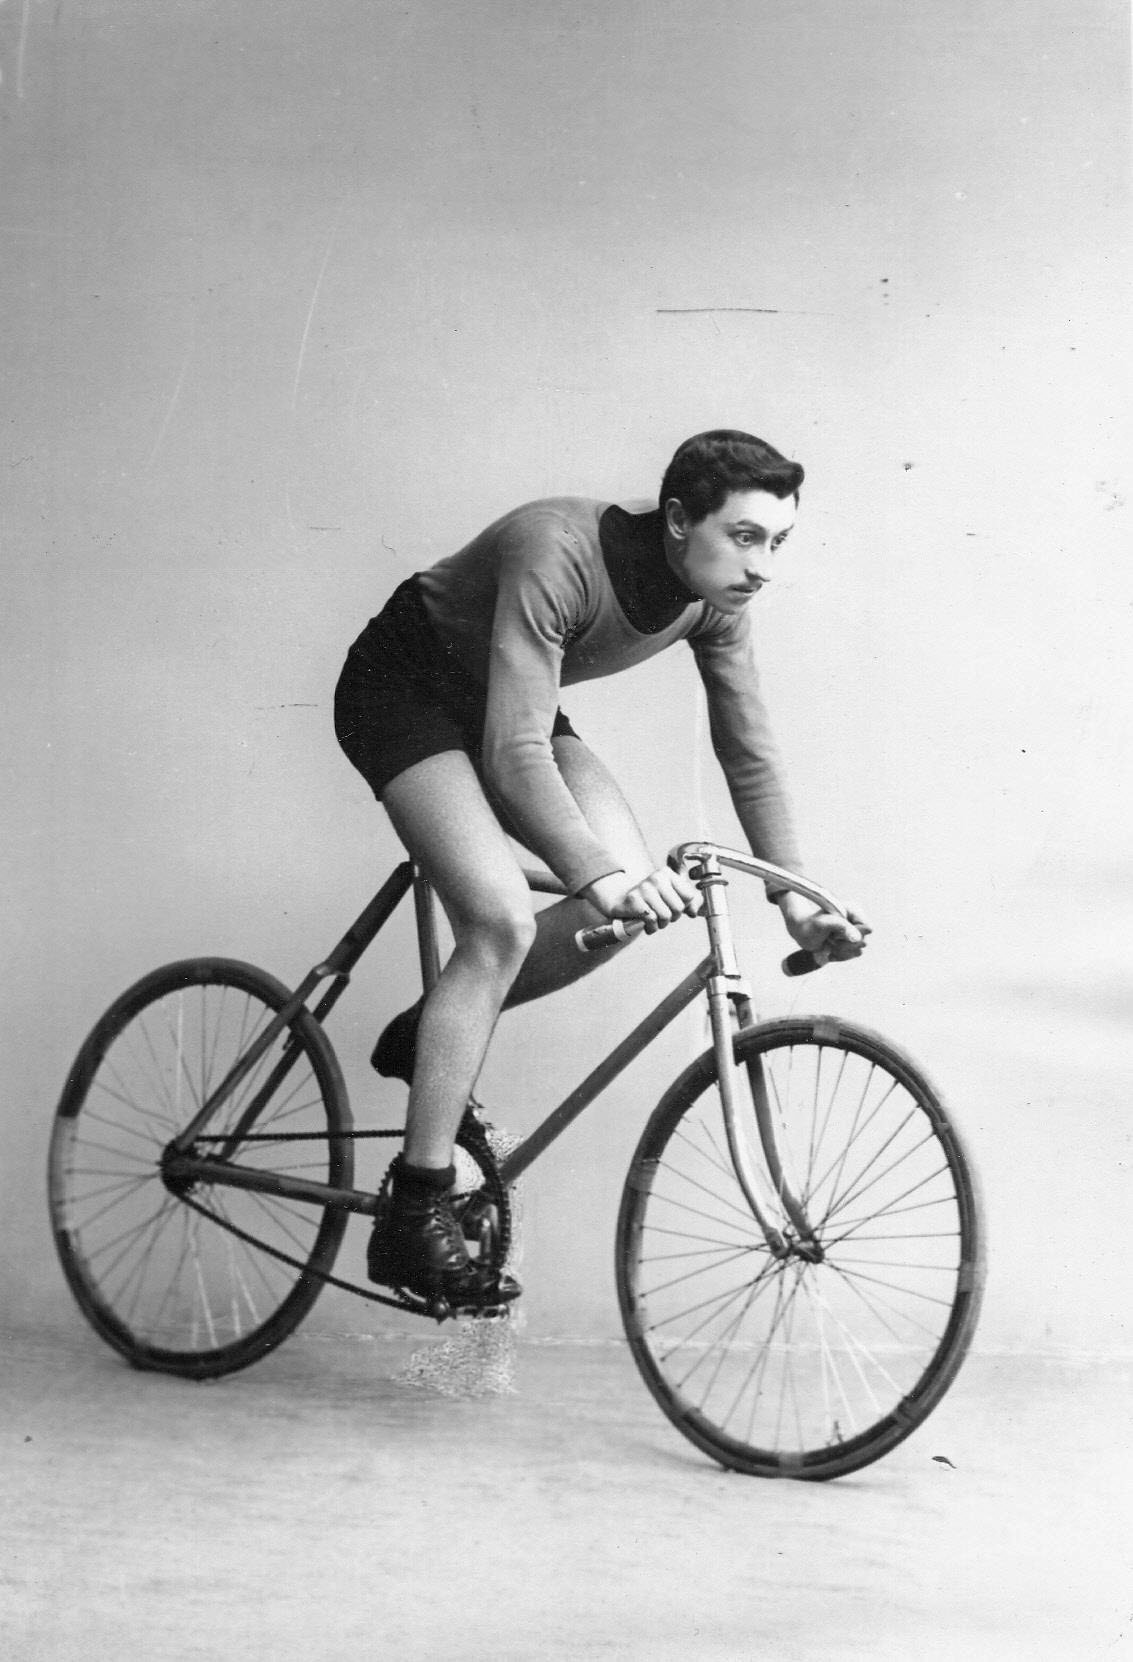 Участник велогонок Павлов на велосипеде